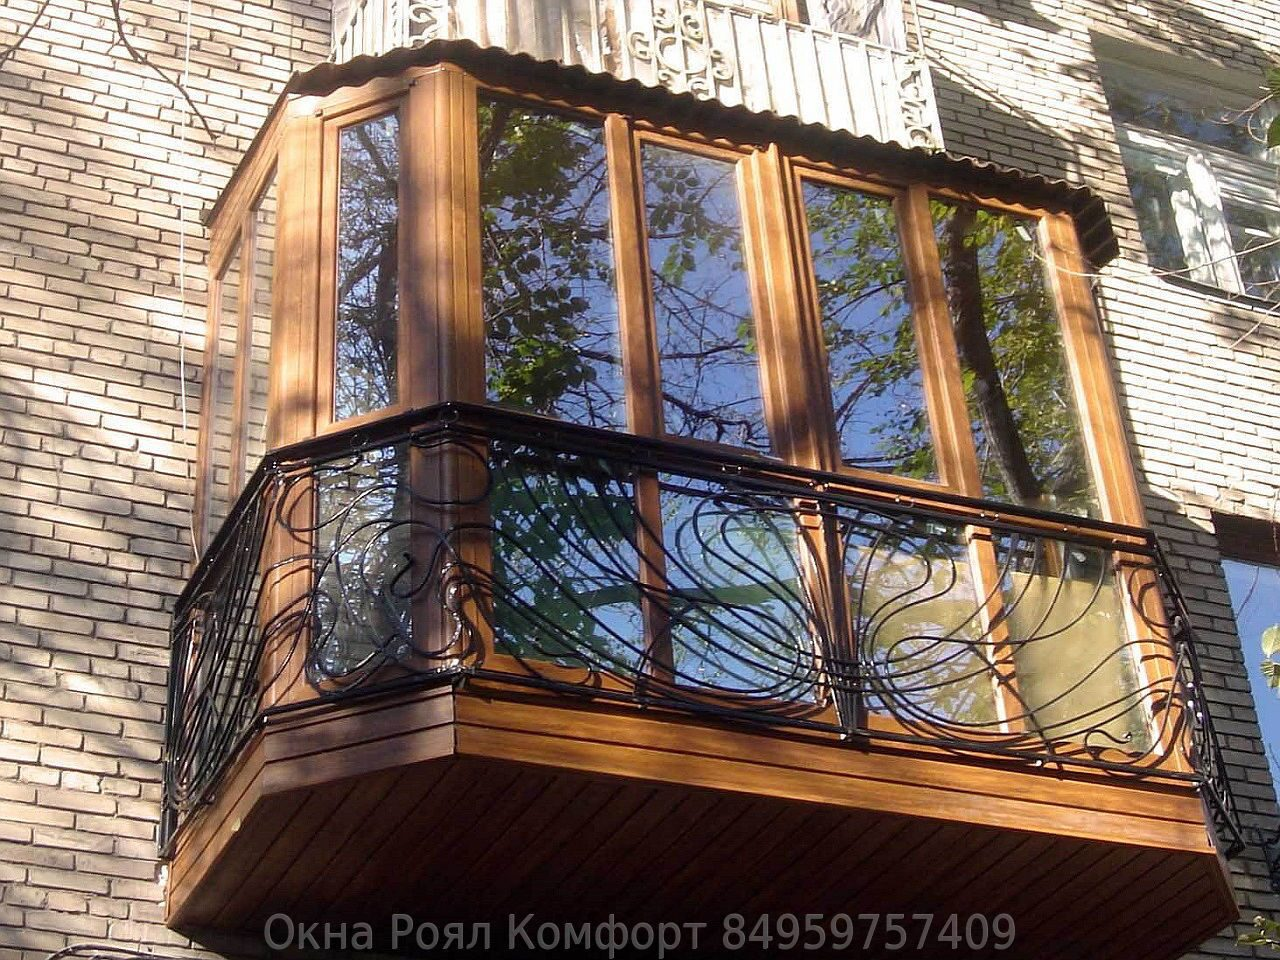 Остекление балкона в пятиэтажке пластиковыми окнами пвх..